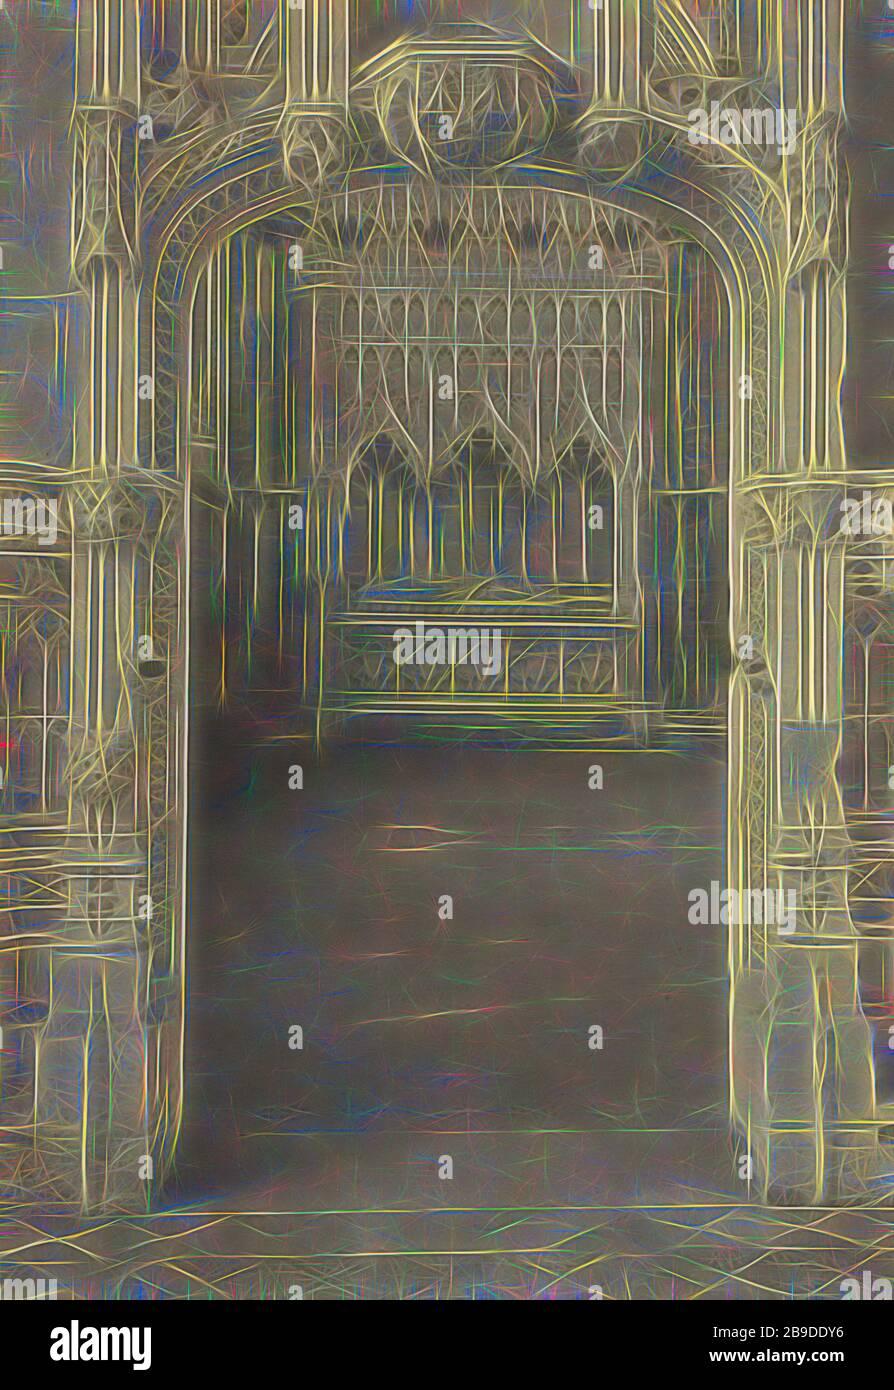 Ely Catedral: Capilla del Obispo Alcock, Frederick H. Evans (británico, 1853 - 1943), 1897, impresión platino, 26 x 17.9 cm (10 1,4 x 7 1,16 pulg, Reimaginado por Gibon, diseño de alegre y cálida resplandor de brillo y rayos de luz. Arte clásico reinventado con un toque moderno. Fotografía inspirada en el futurismo, abrazando la energía dinámica de la tecnología moderna, el movimiento, la velocidad y la revolución de la cultura. Foto de stock